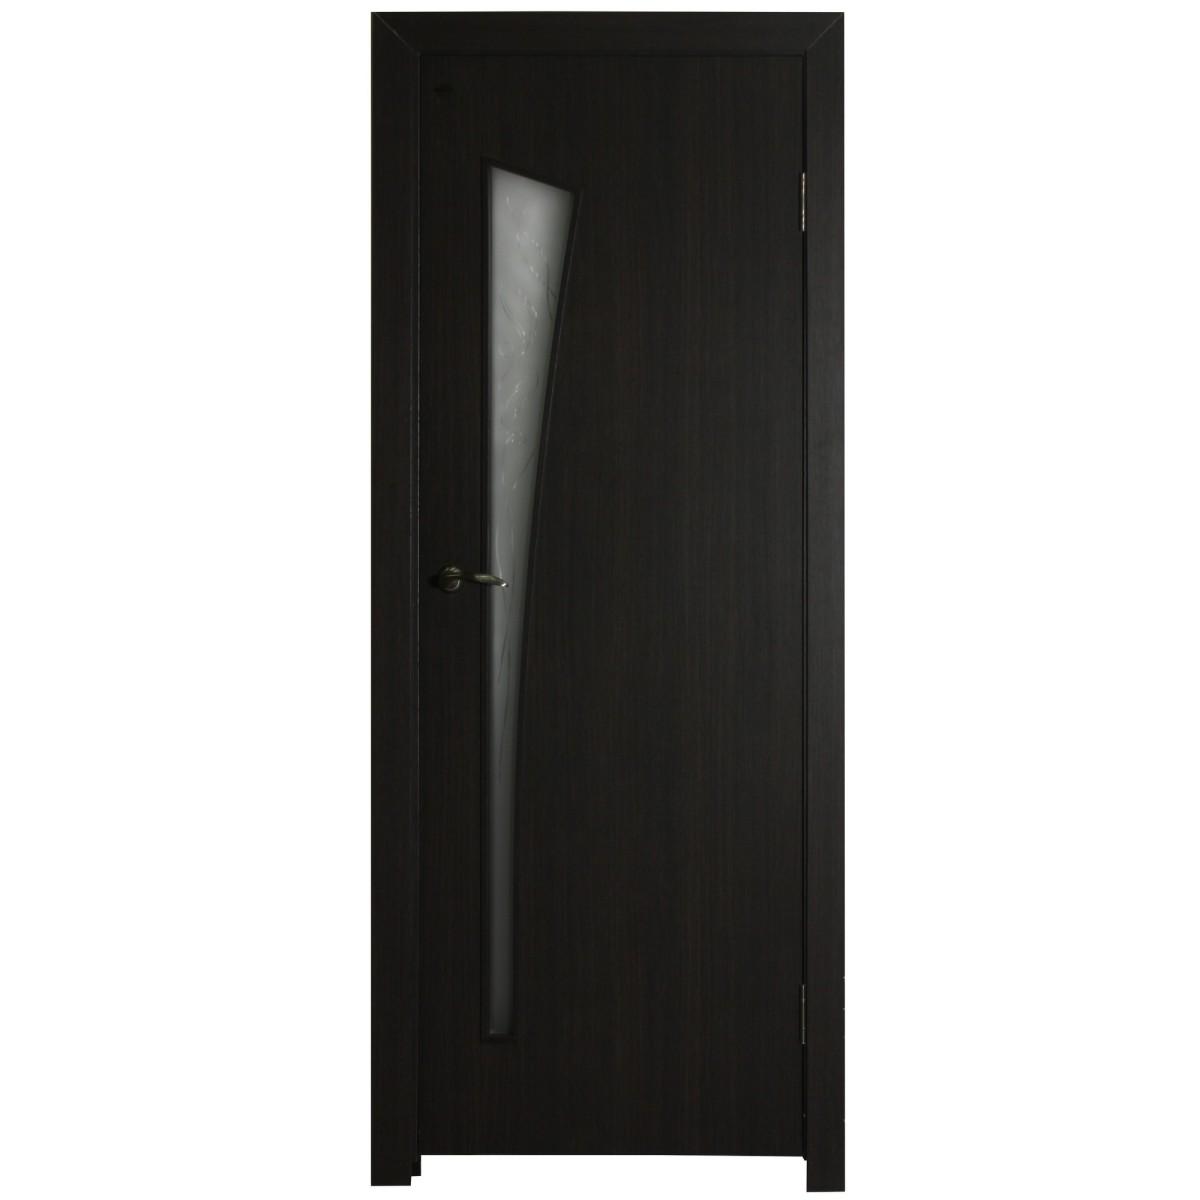 Дверь межкомнатная остеклённая ламинированная Белеза 80x200 см цвет венге